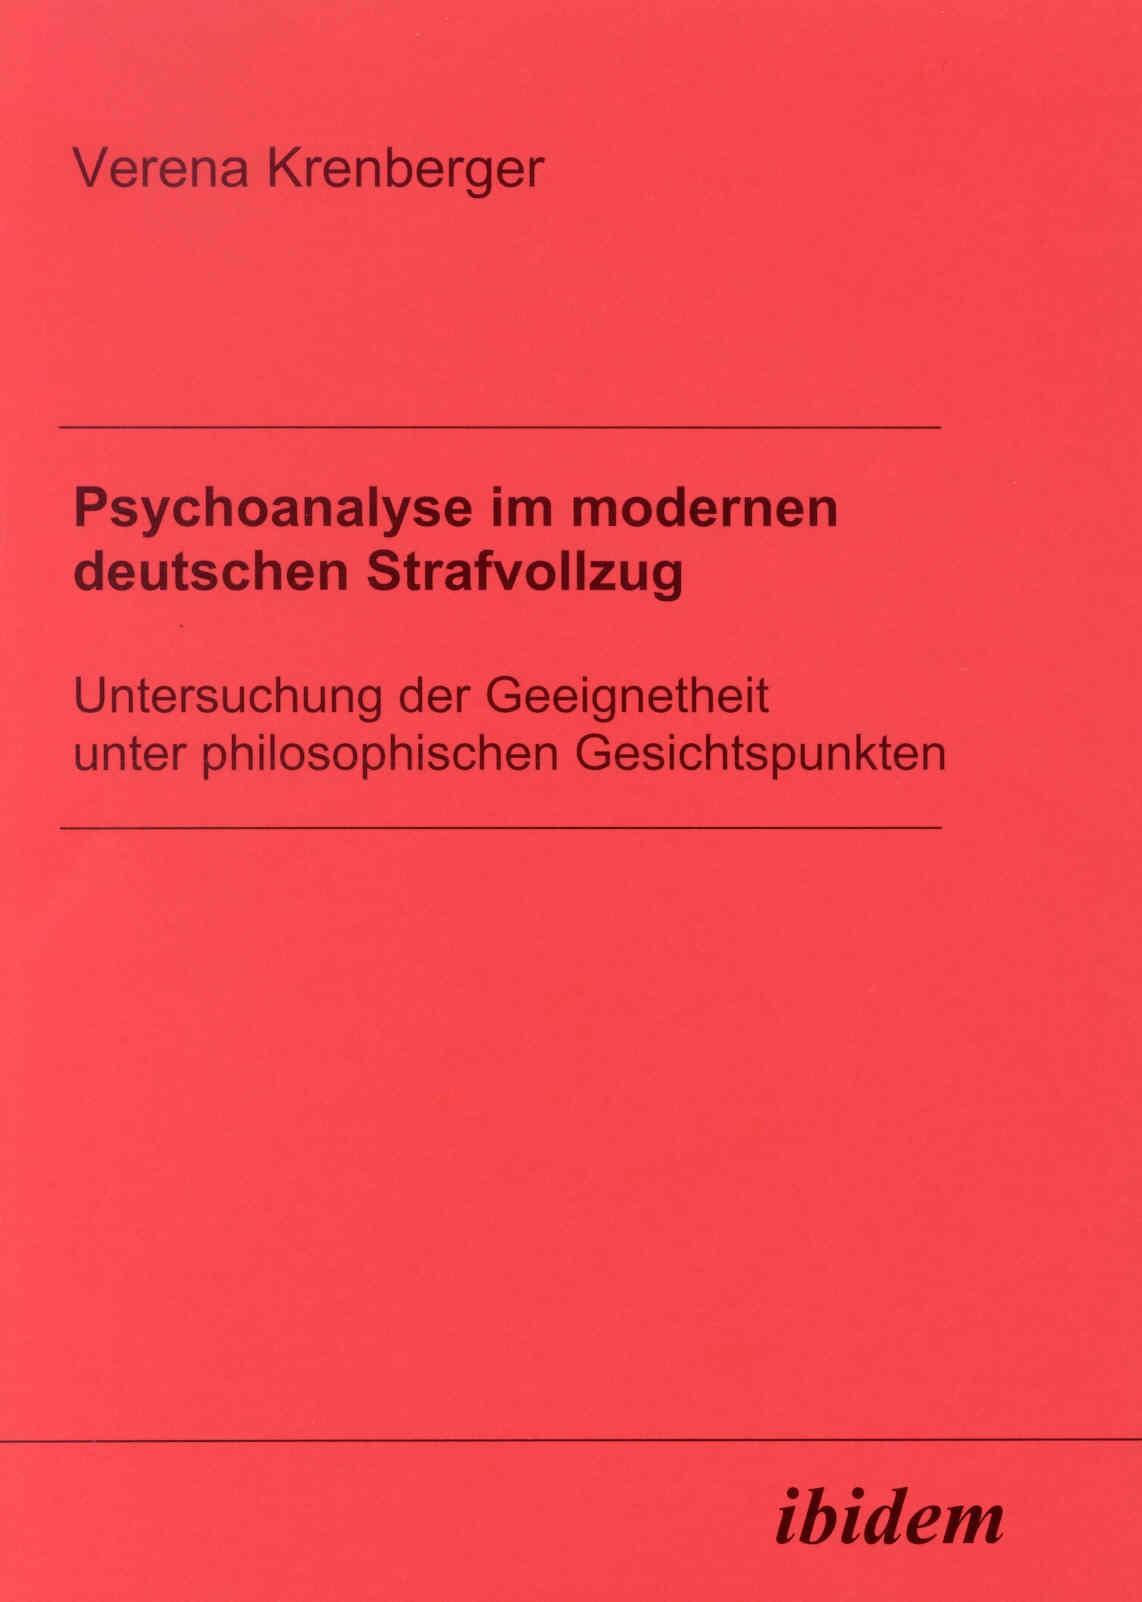 Psychoanalyse im modernen deutschen Strafvollzug